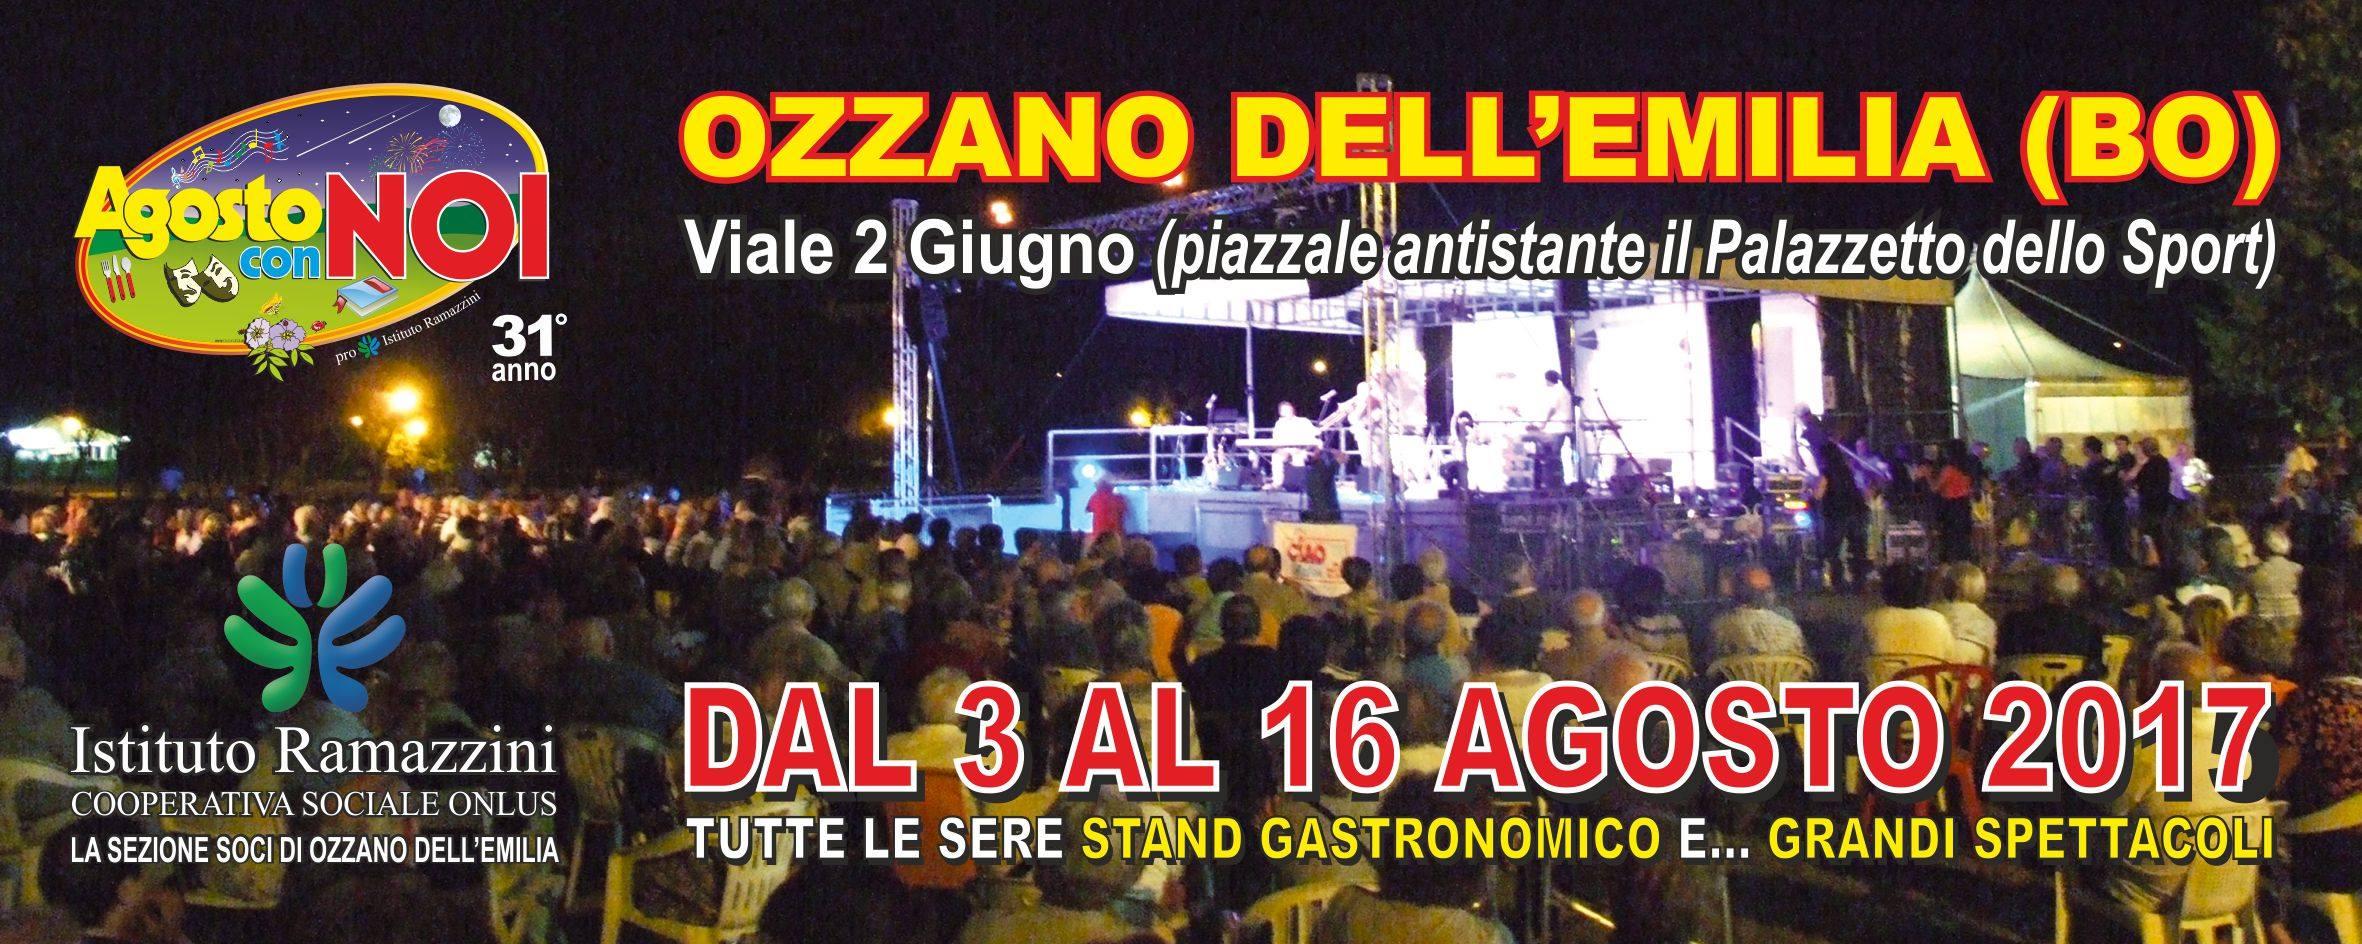 locandina Agosto con Noi edizione 2017